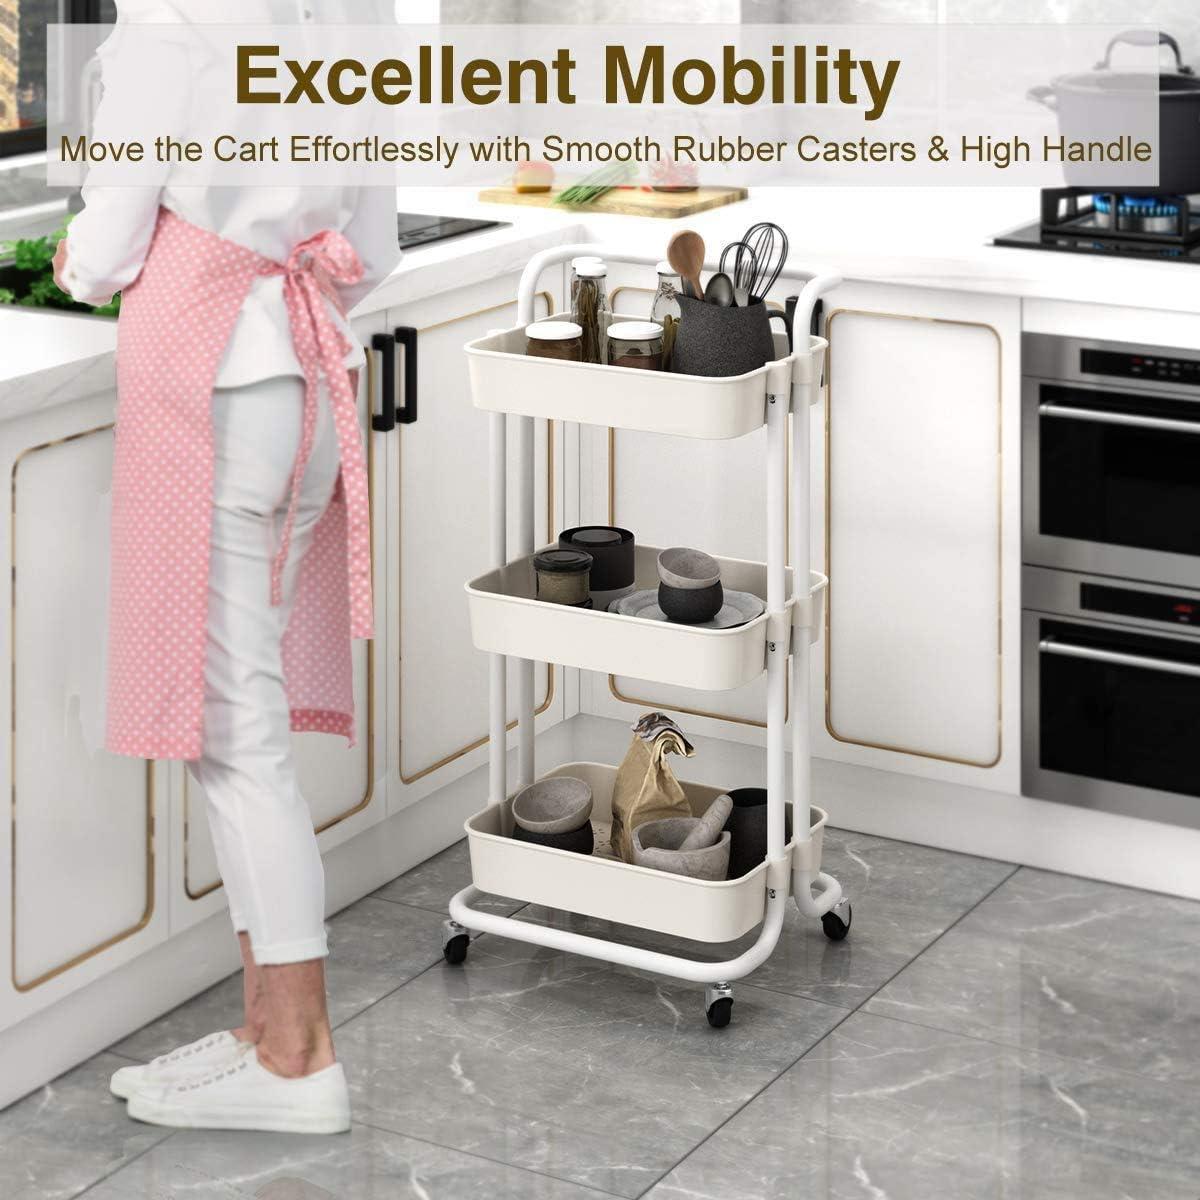 Scaffale da Cucina Carrello Organizer e rotelle Ufficio Carrello da Cucina Bianco Bagno 3 Livello Carrello Portaoggetti Trasportabile Adatto a Cucina Carrello di Servizio